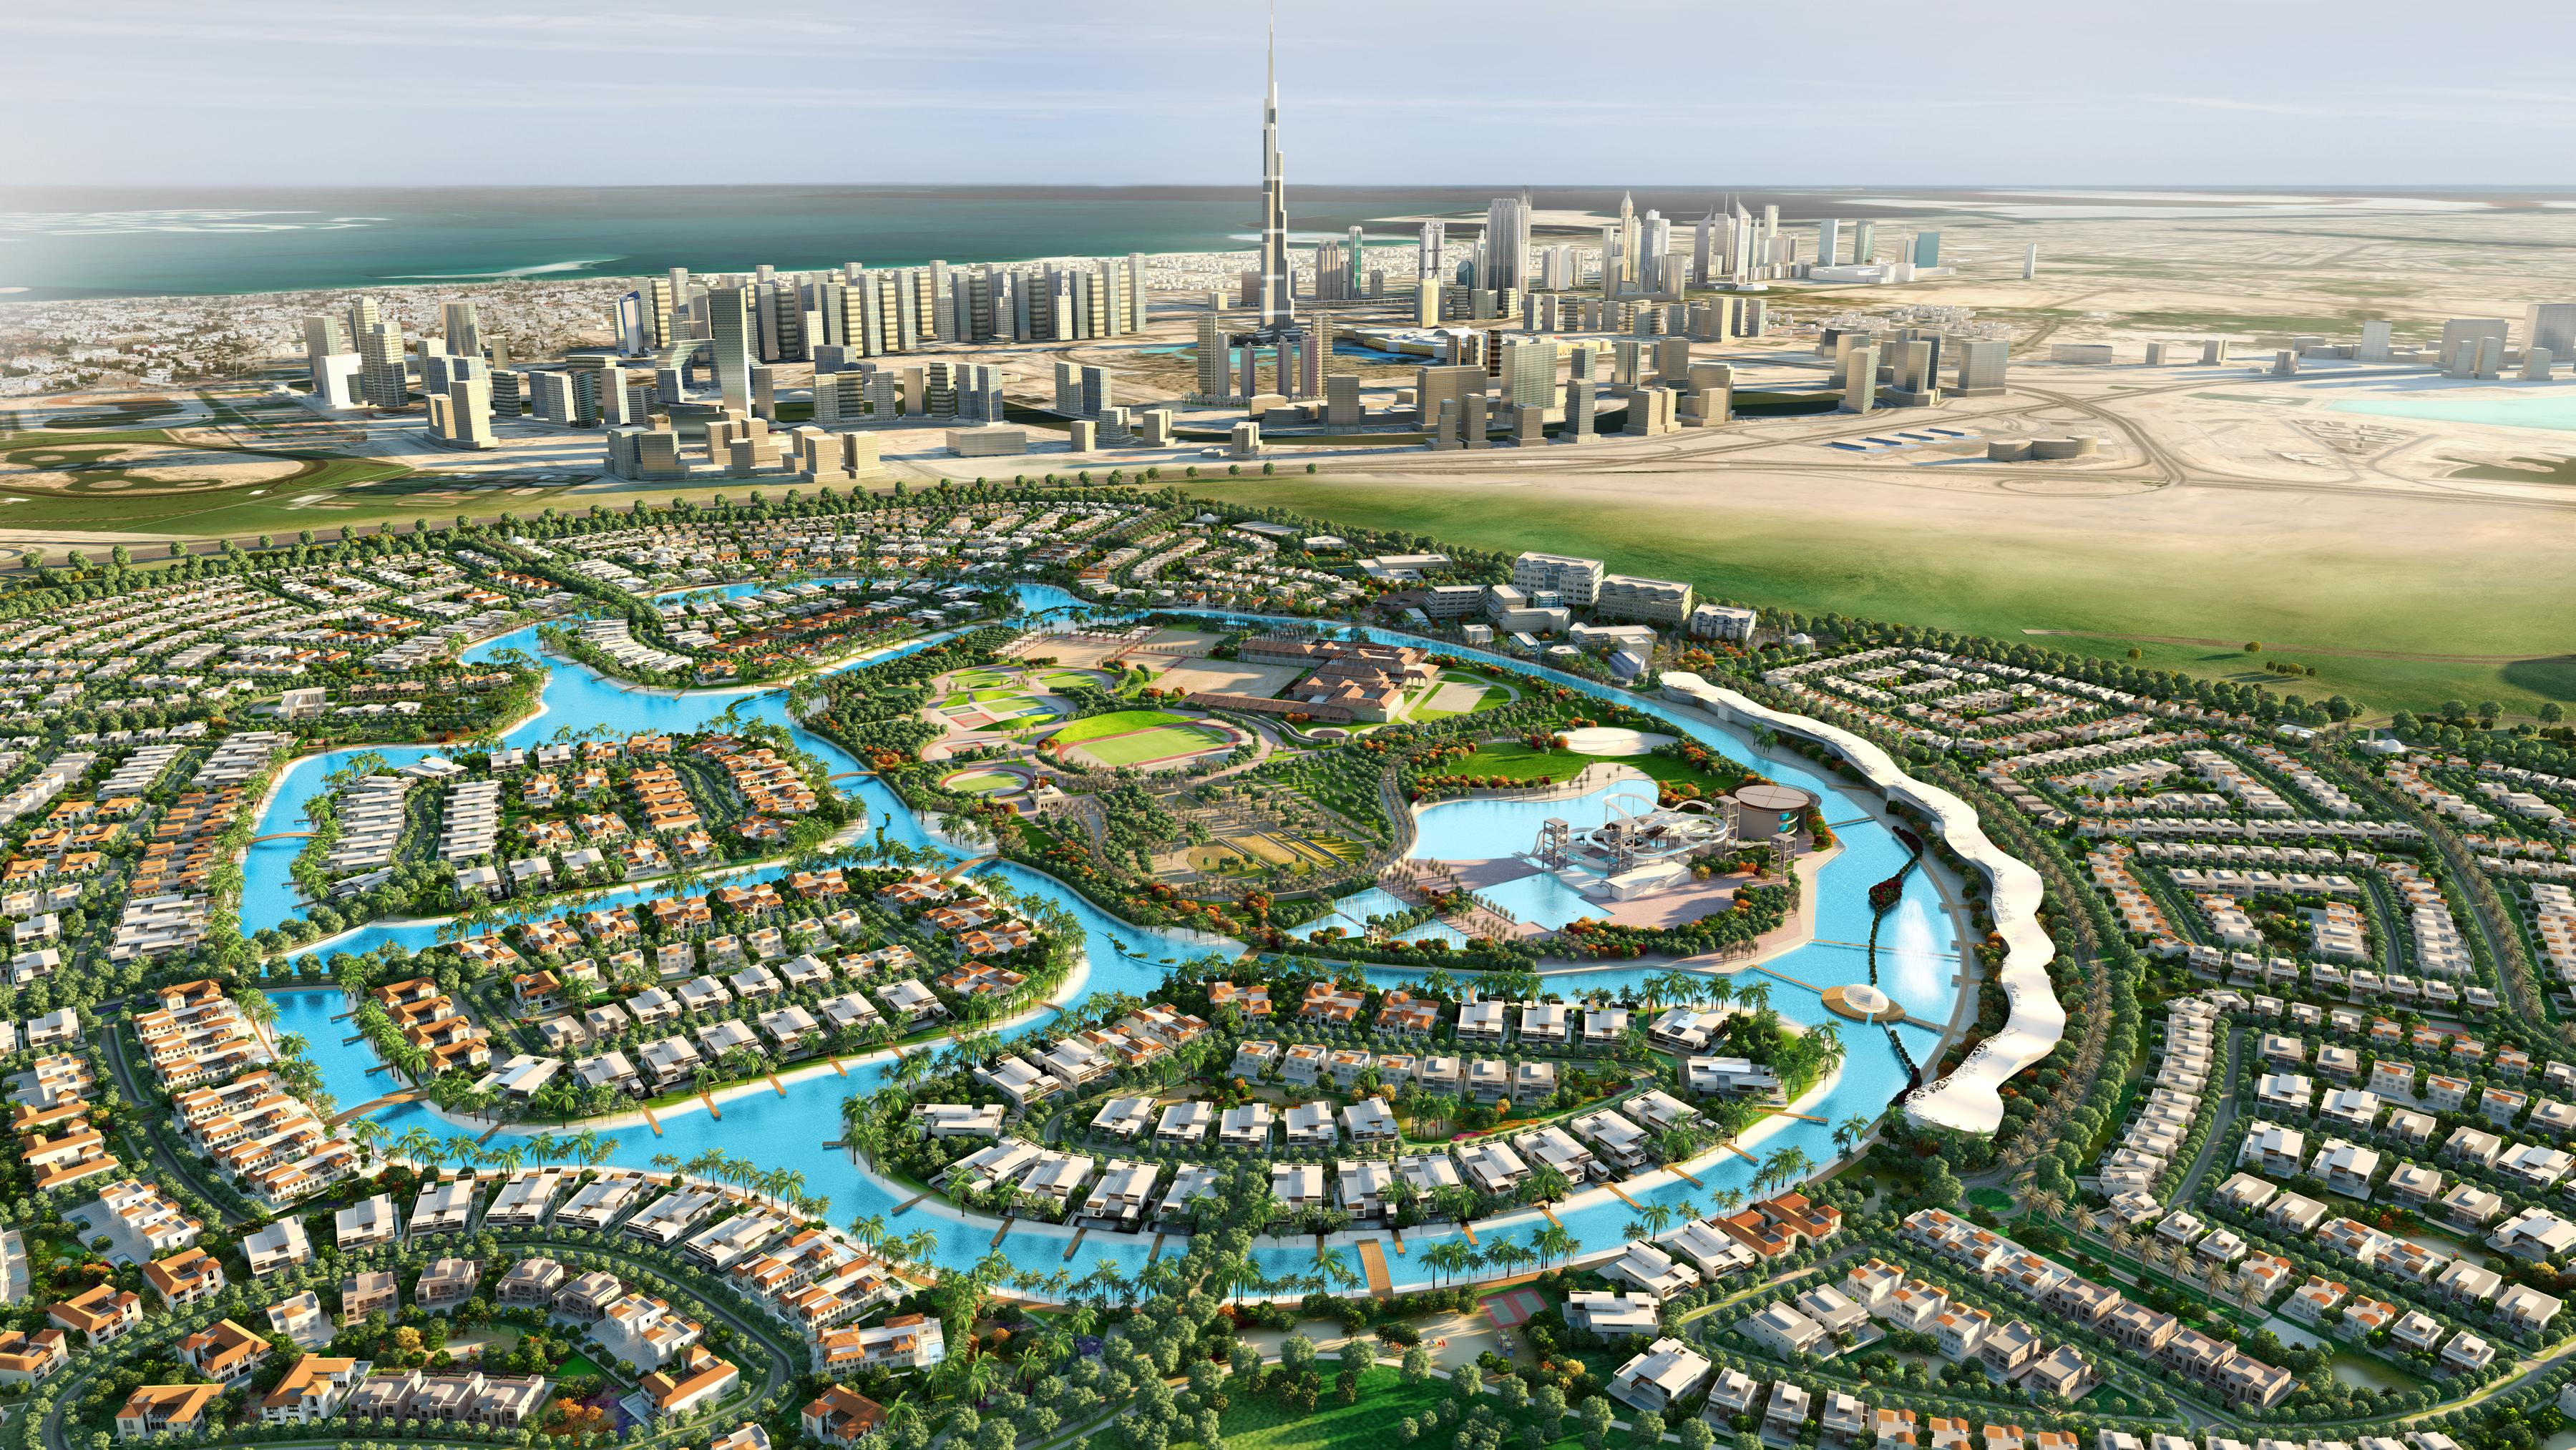 Las lagunas artificiales las piscinas del siglo xxi for Lagunas artificiales construccion